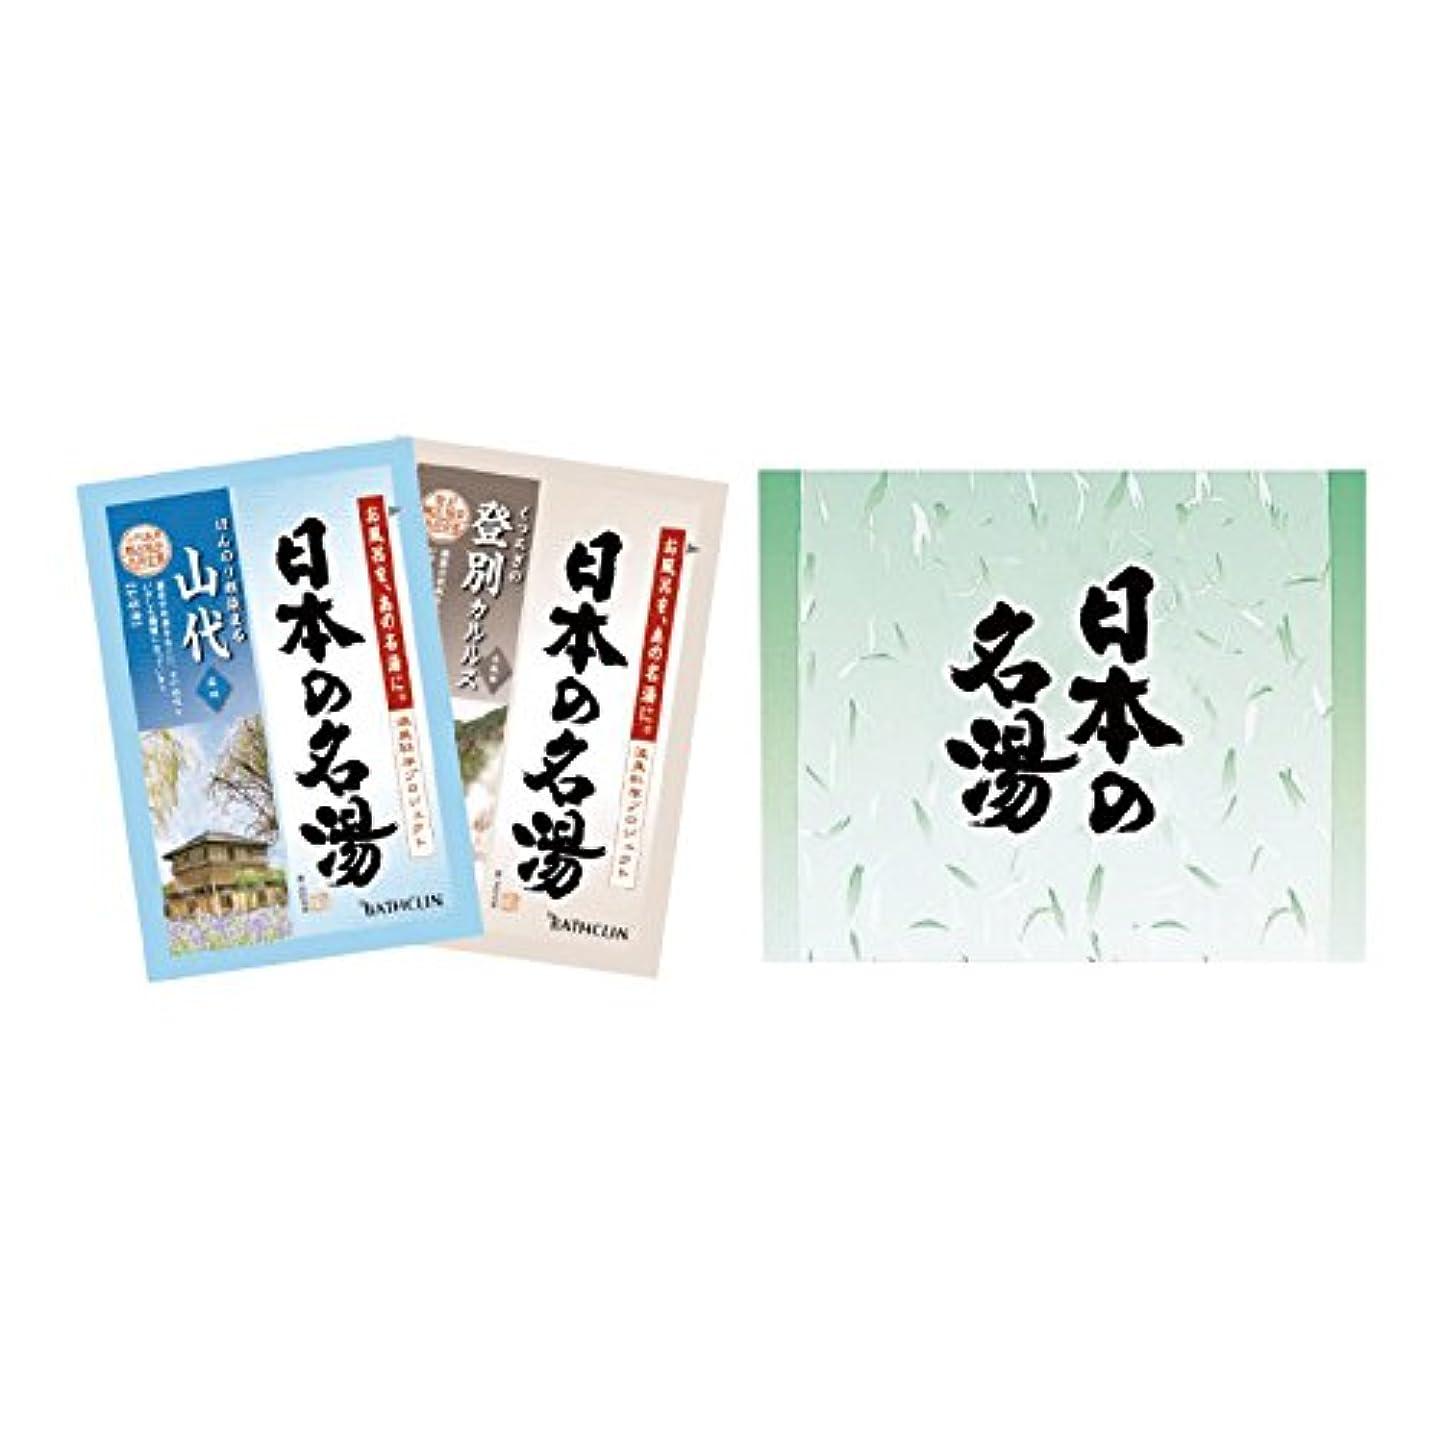 神社ハイブリッド愛人日本の名湯 入浴剤 2包入